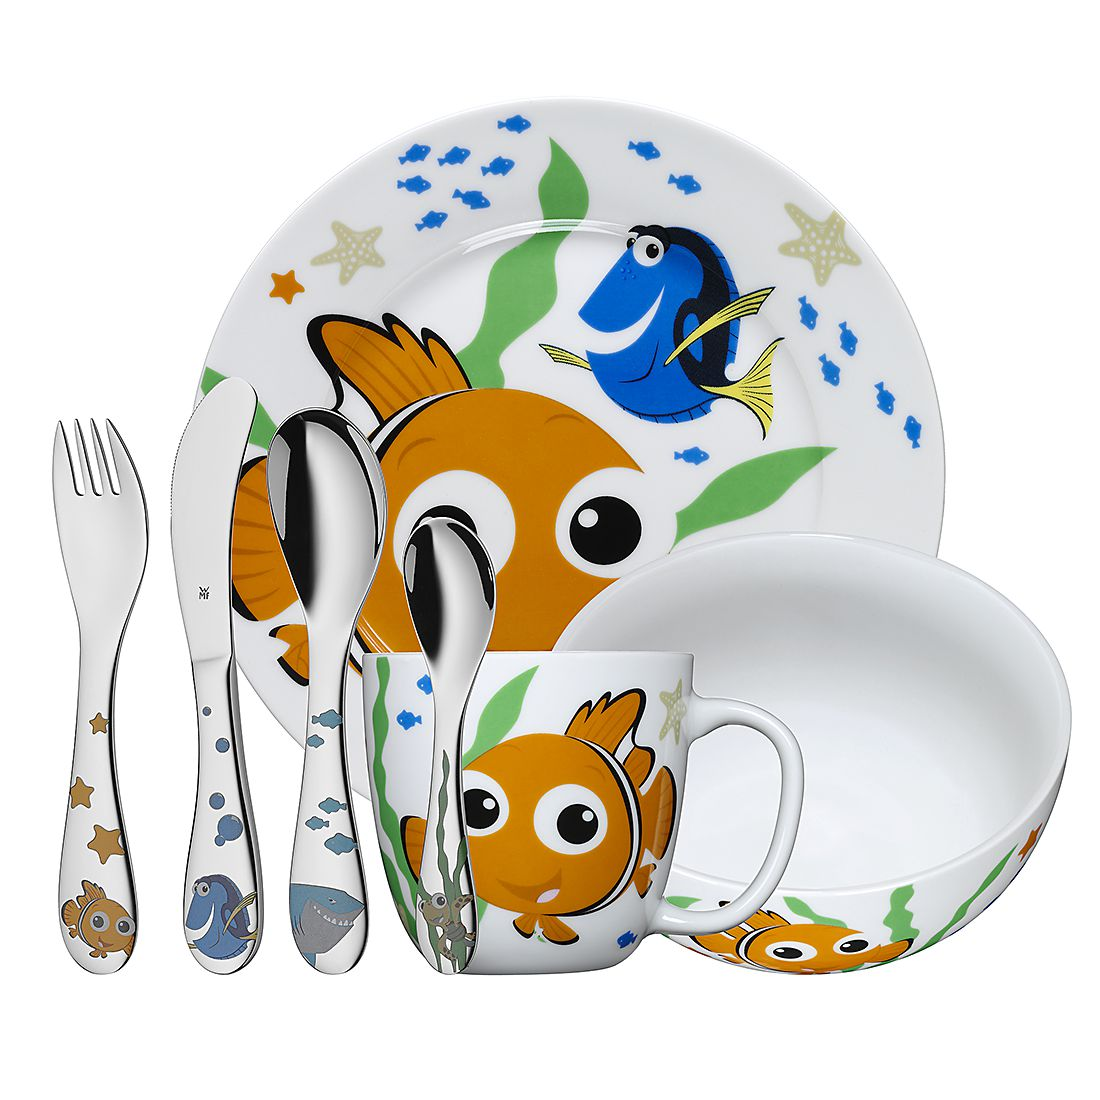 Kinderbesteck Nemo (7er-Set), WMF jetzt kaufen